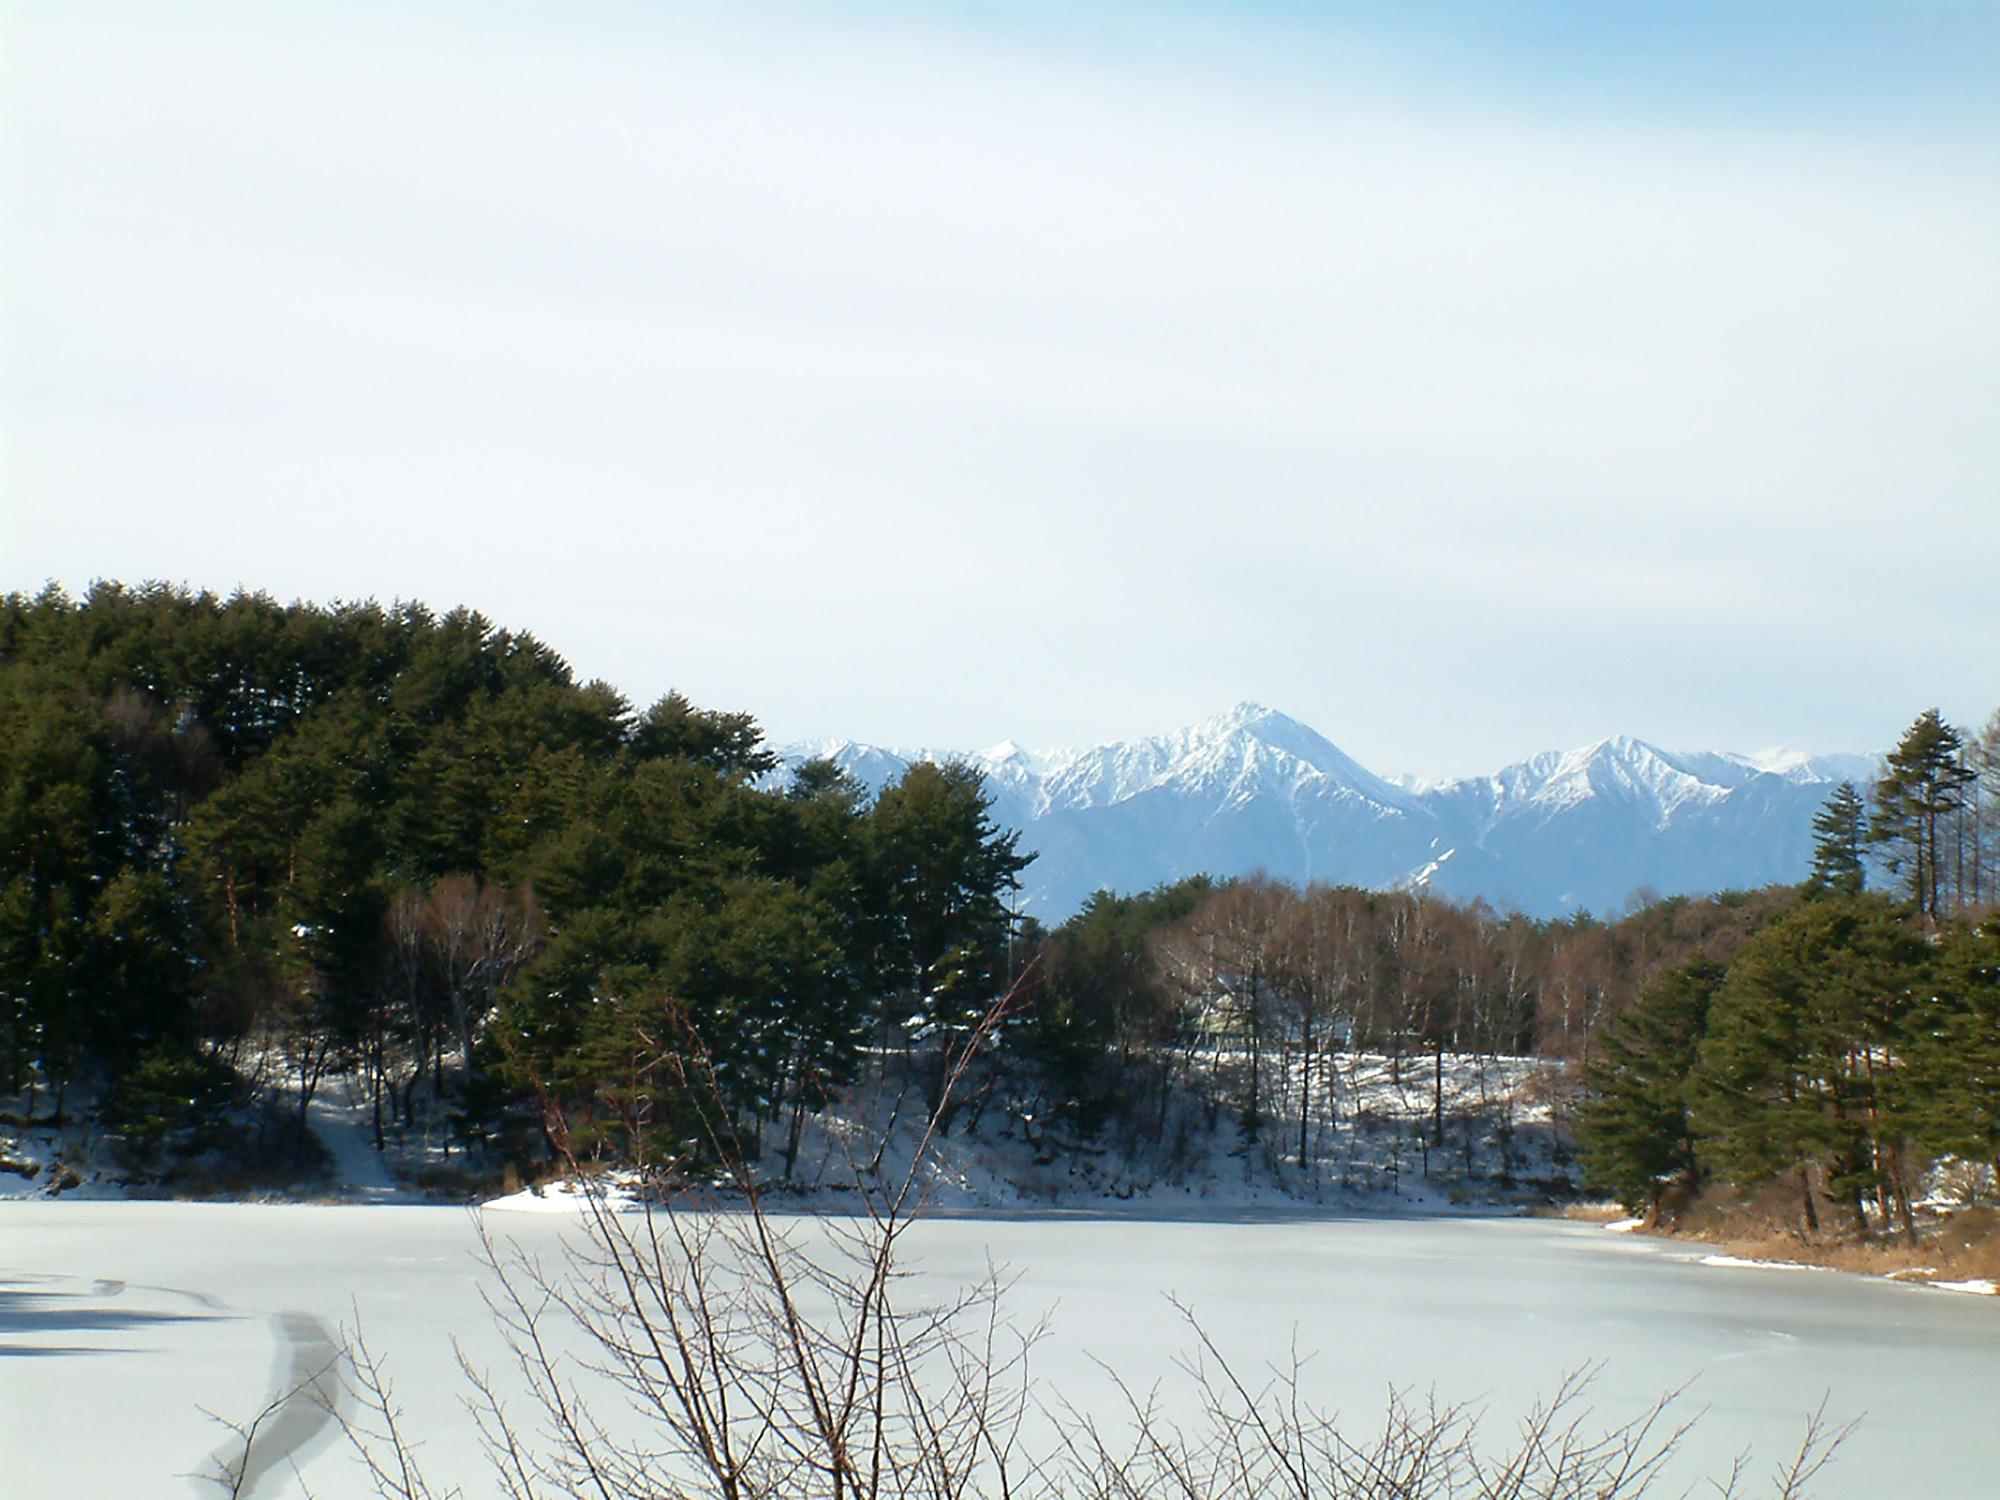 氷のはった湖と雪山の写真のフリー素材